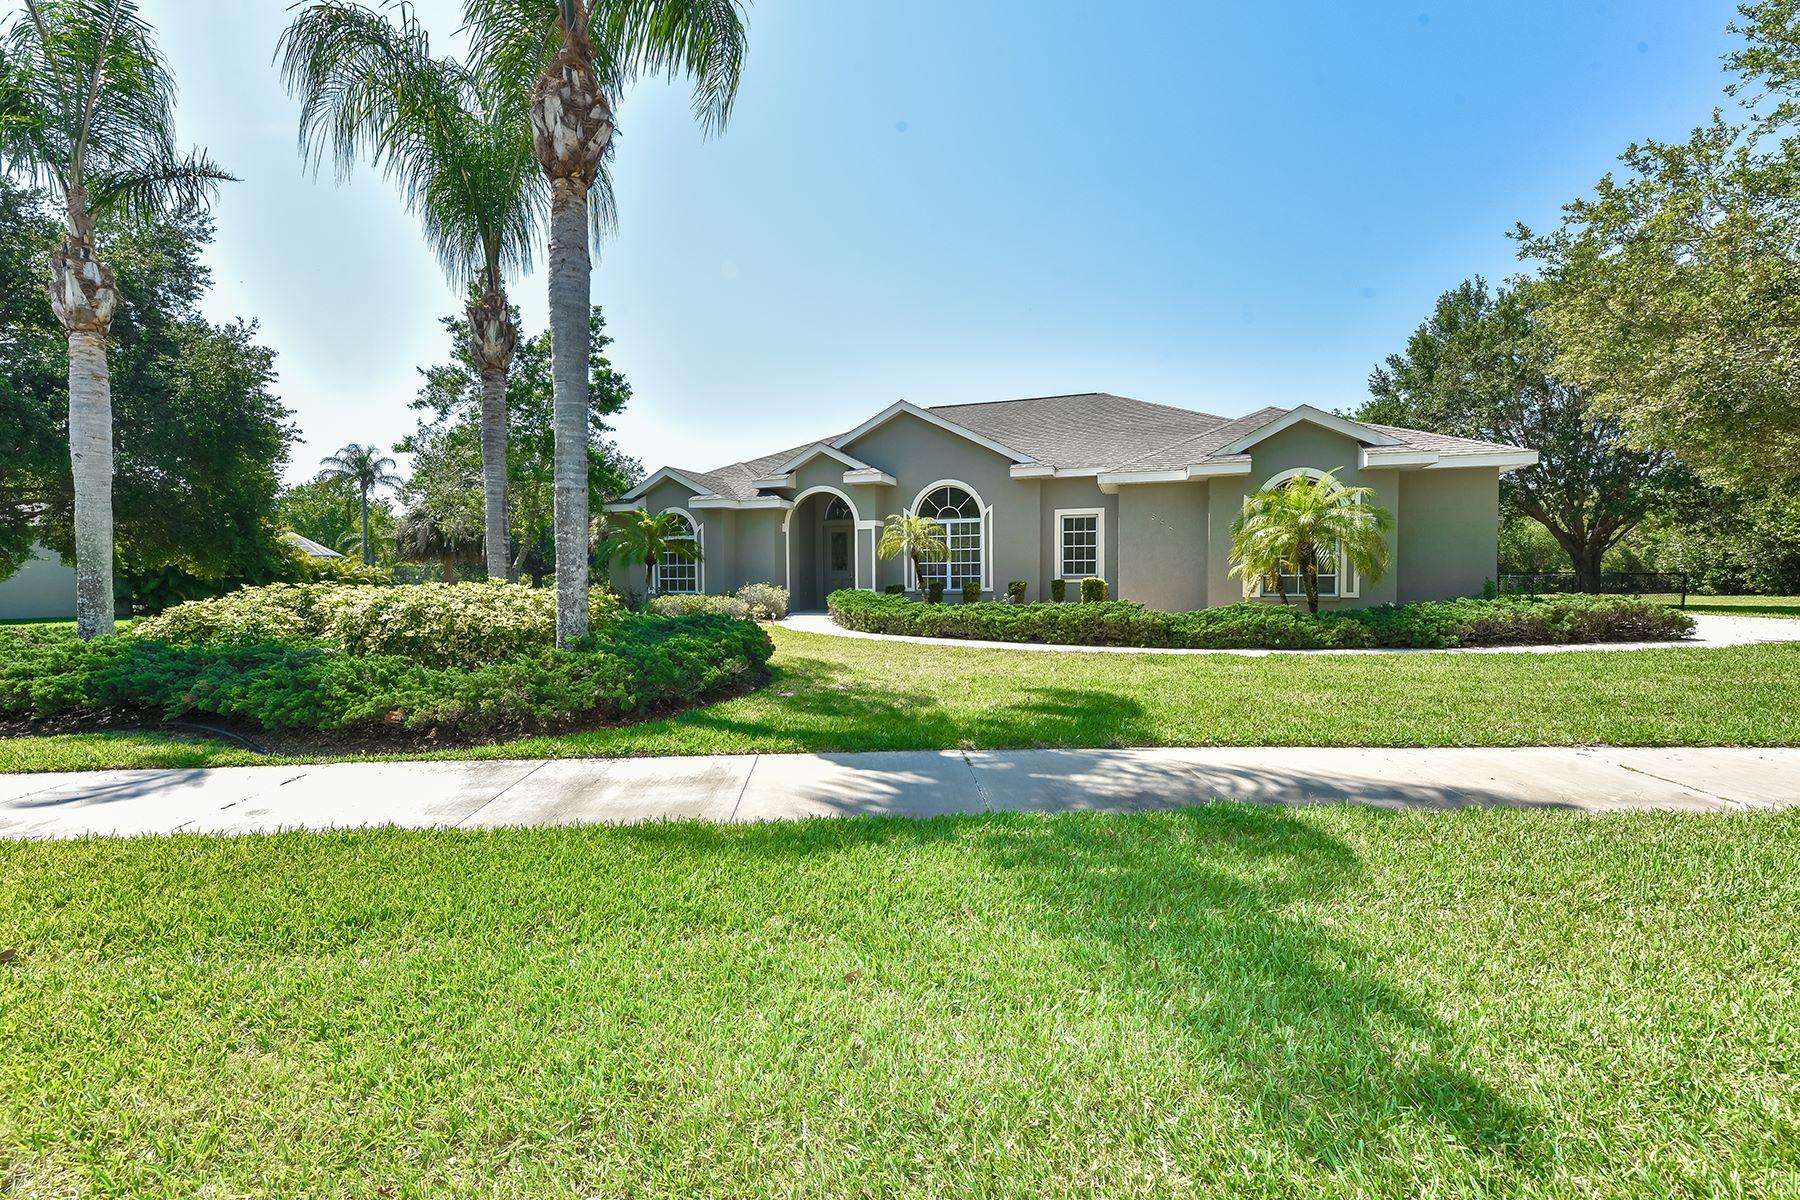 Maison unifamiliale pour l Vente à MISSION VALLEY 588 Capistrano Dr Nokomis, Florida, 34275 États-Unis